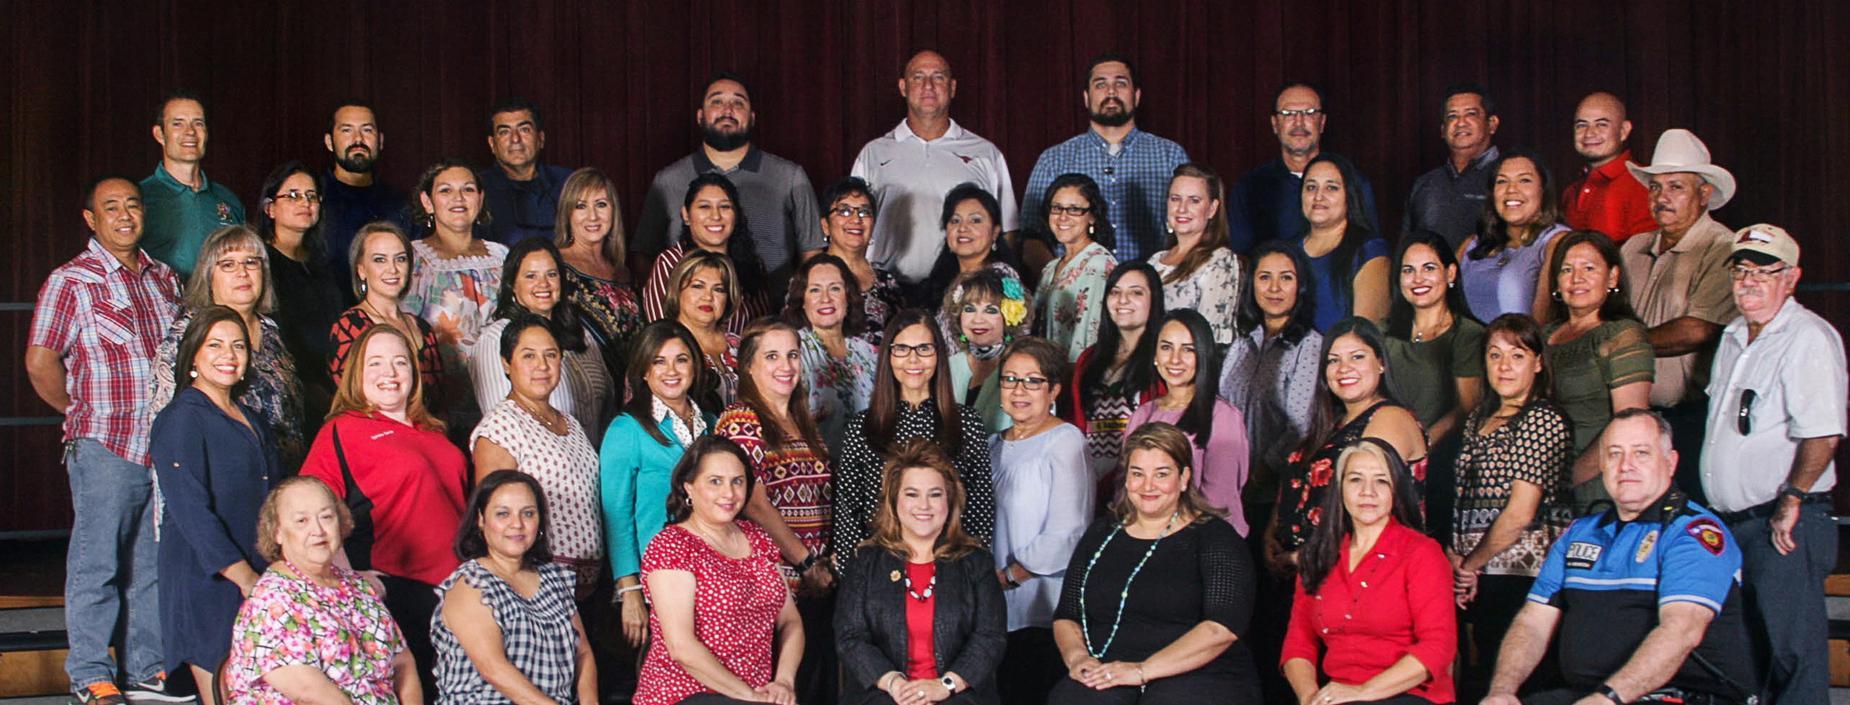 Brewster School Staff picture